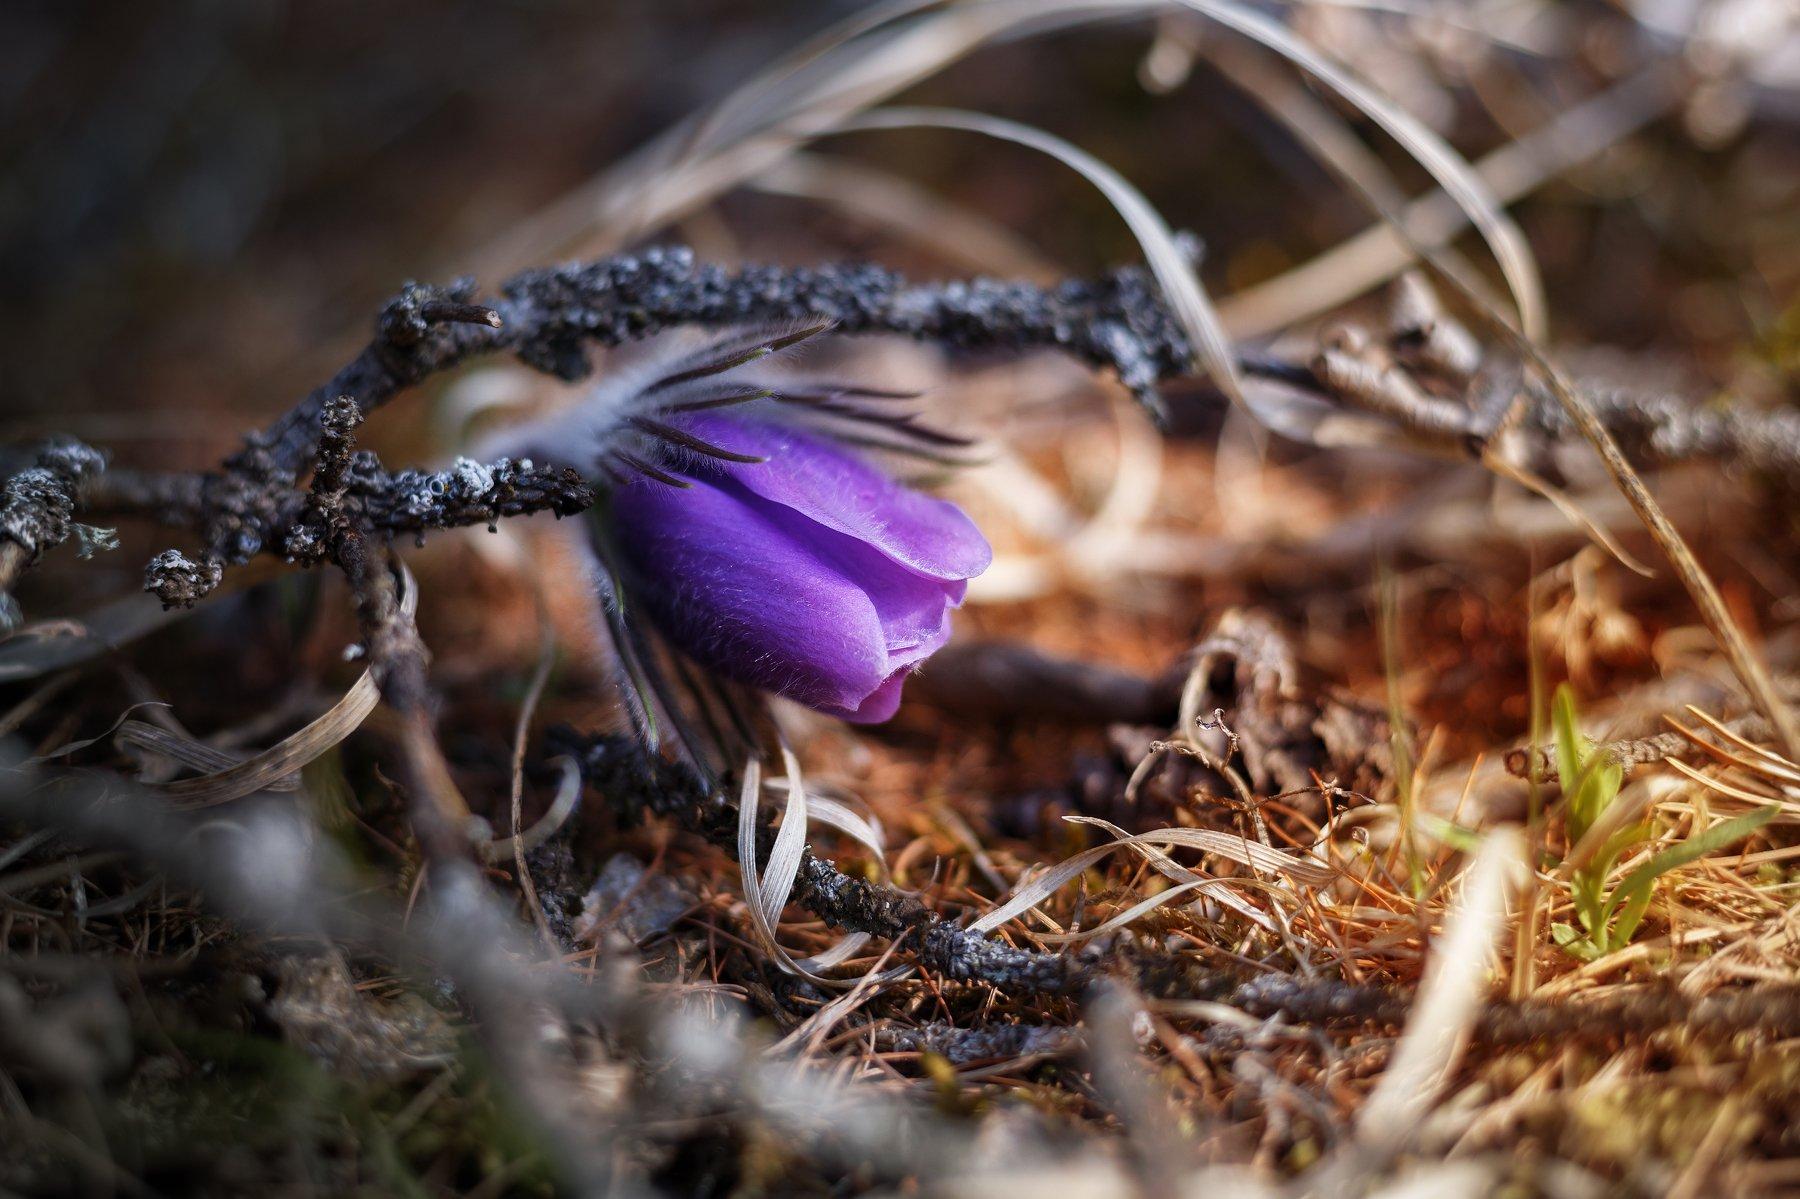 макро, цветы, цветок, природа, Попов Станислав